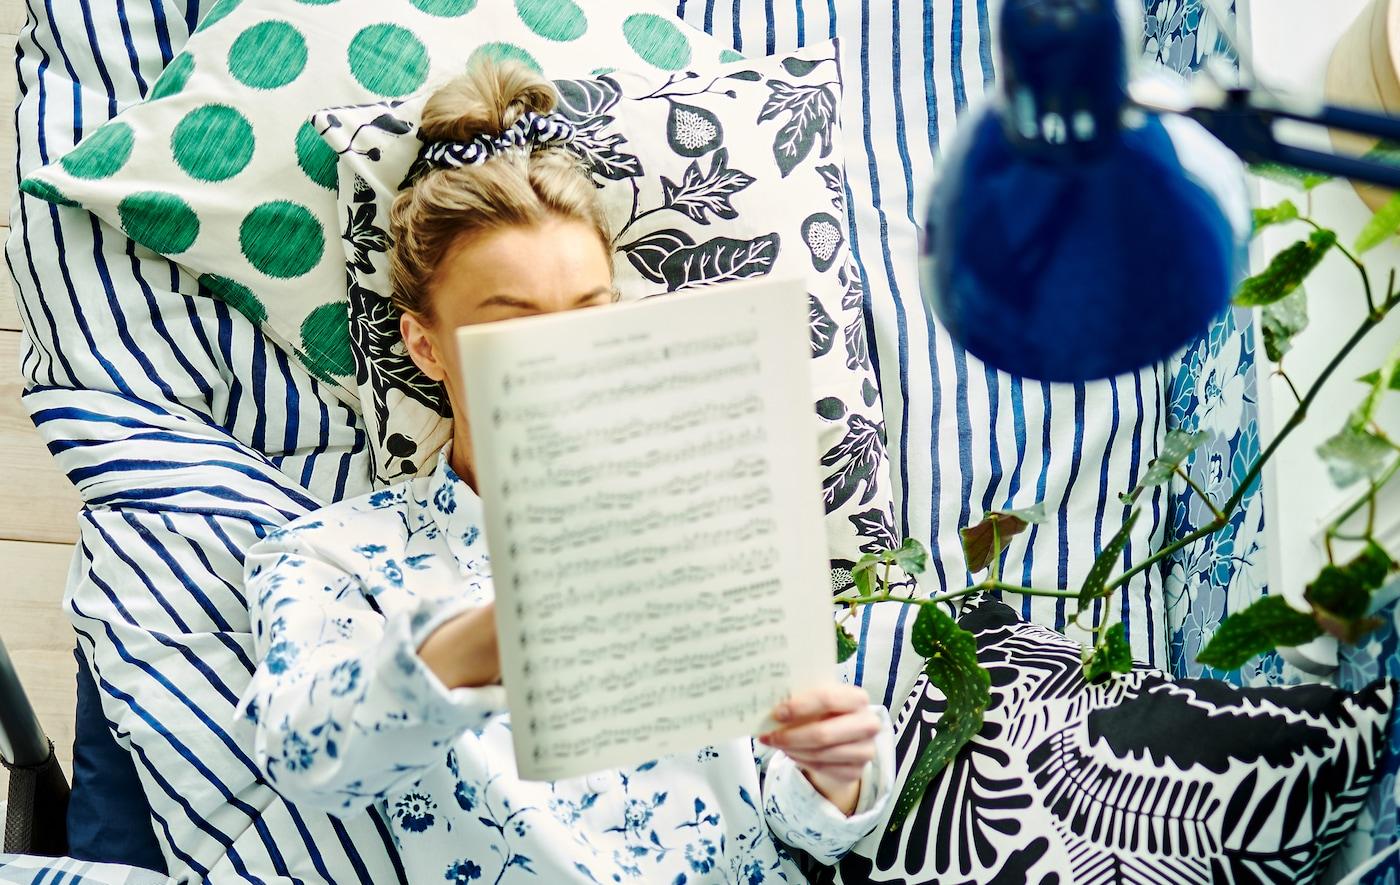 امرأة مستلقية على سرير وحولها وسائد وملاءات سرير وورق حائط بنقوش مختلفة، وهي تقرأ النوتات الموسيقية.